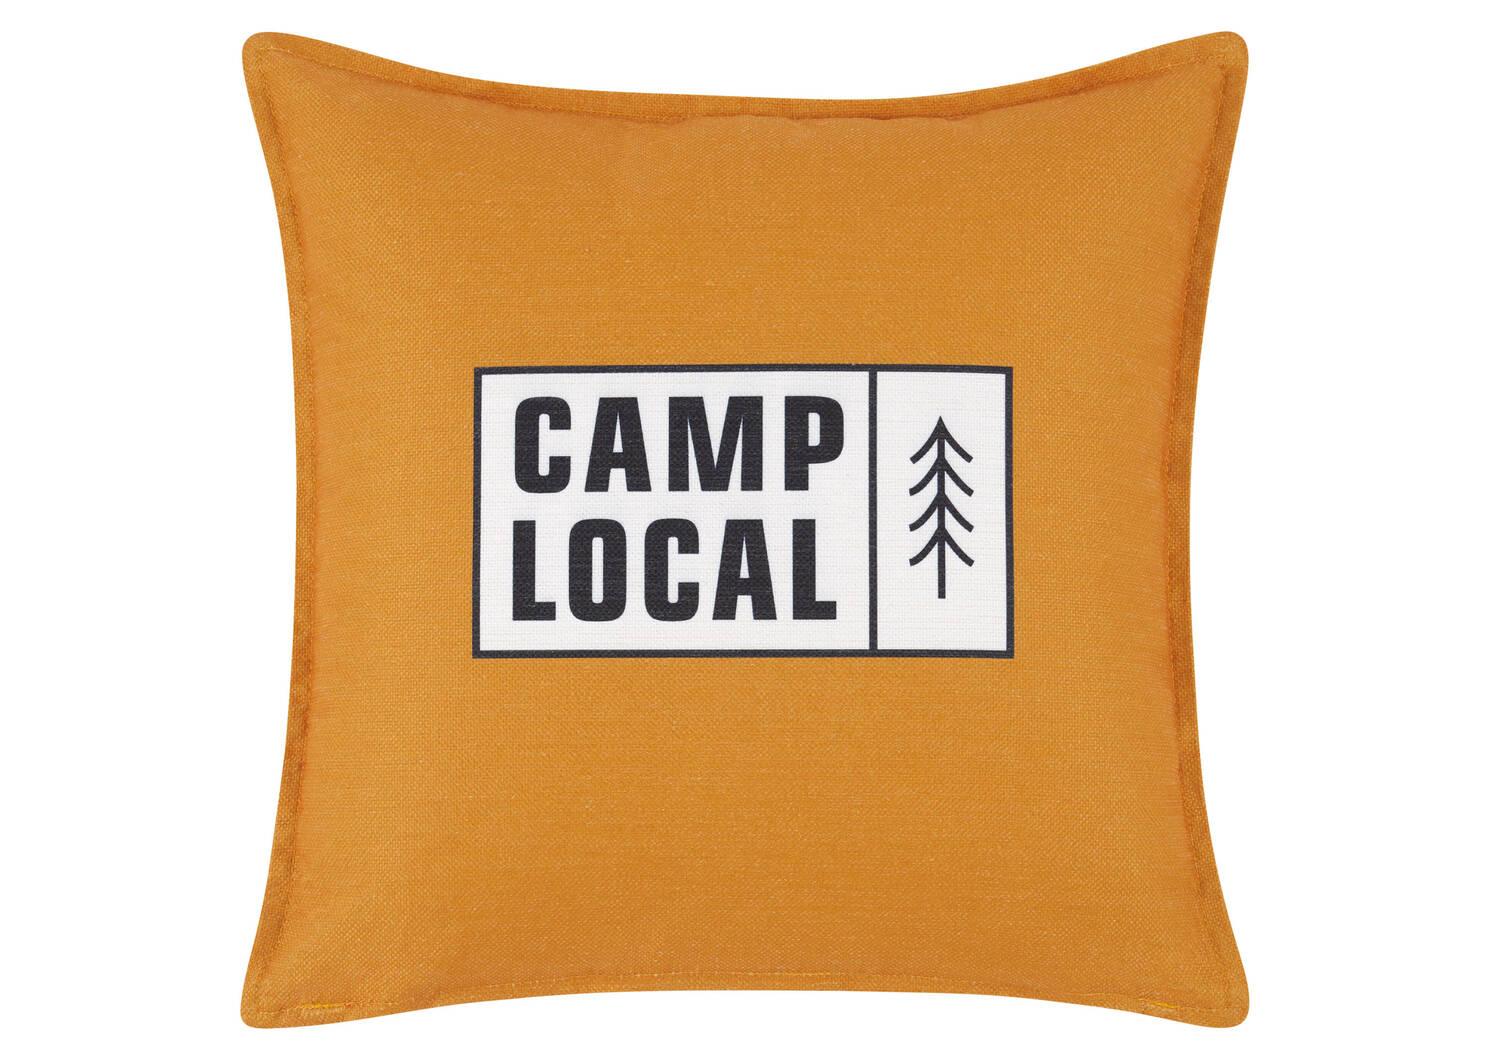 Nita Toss 18x18 Camp Local